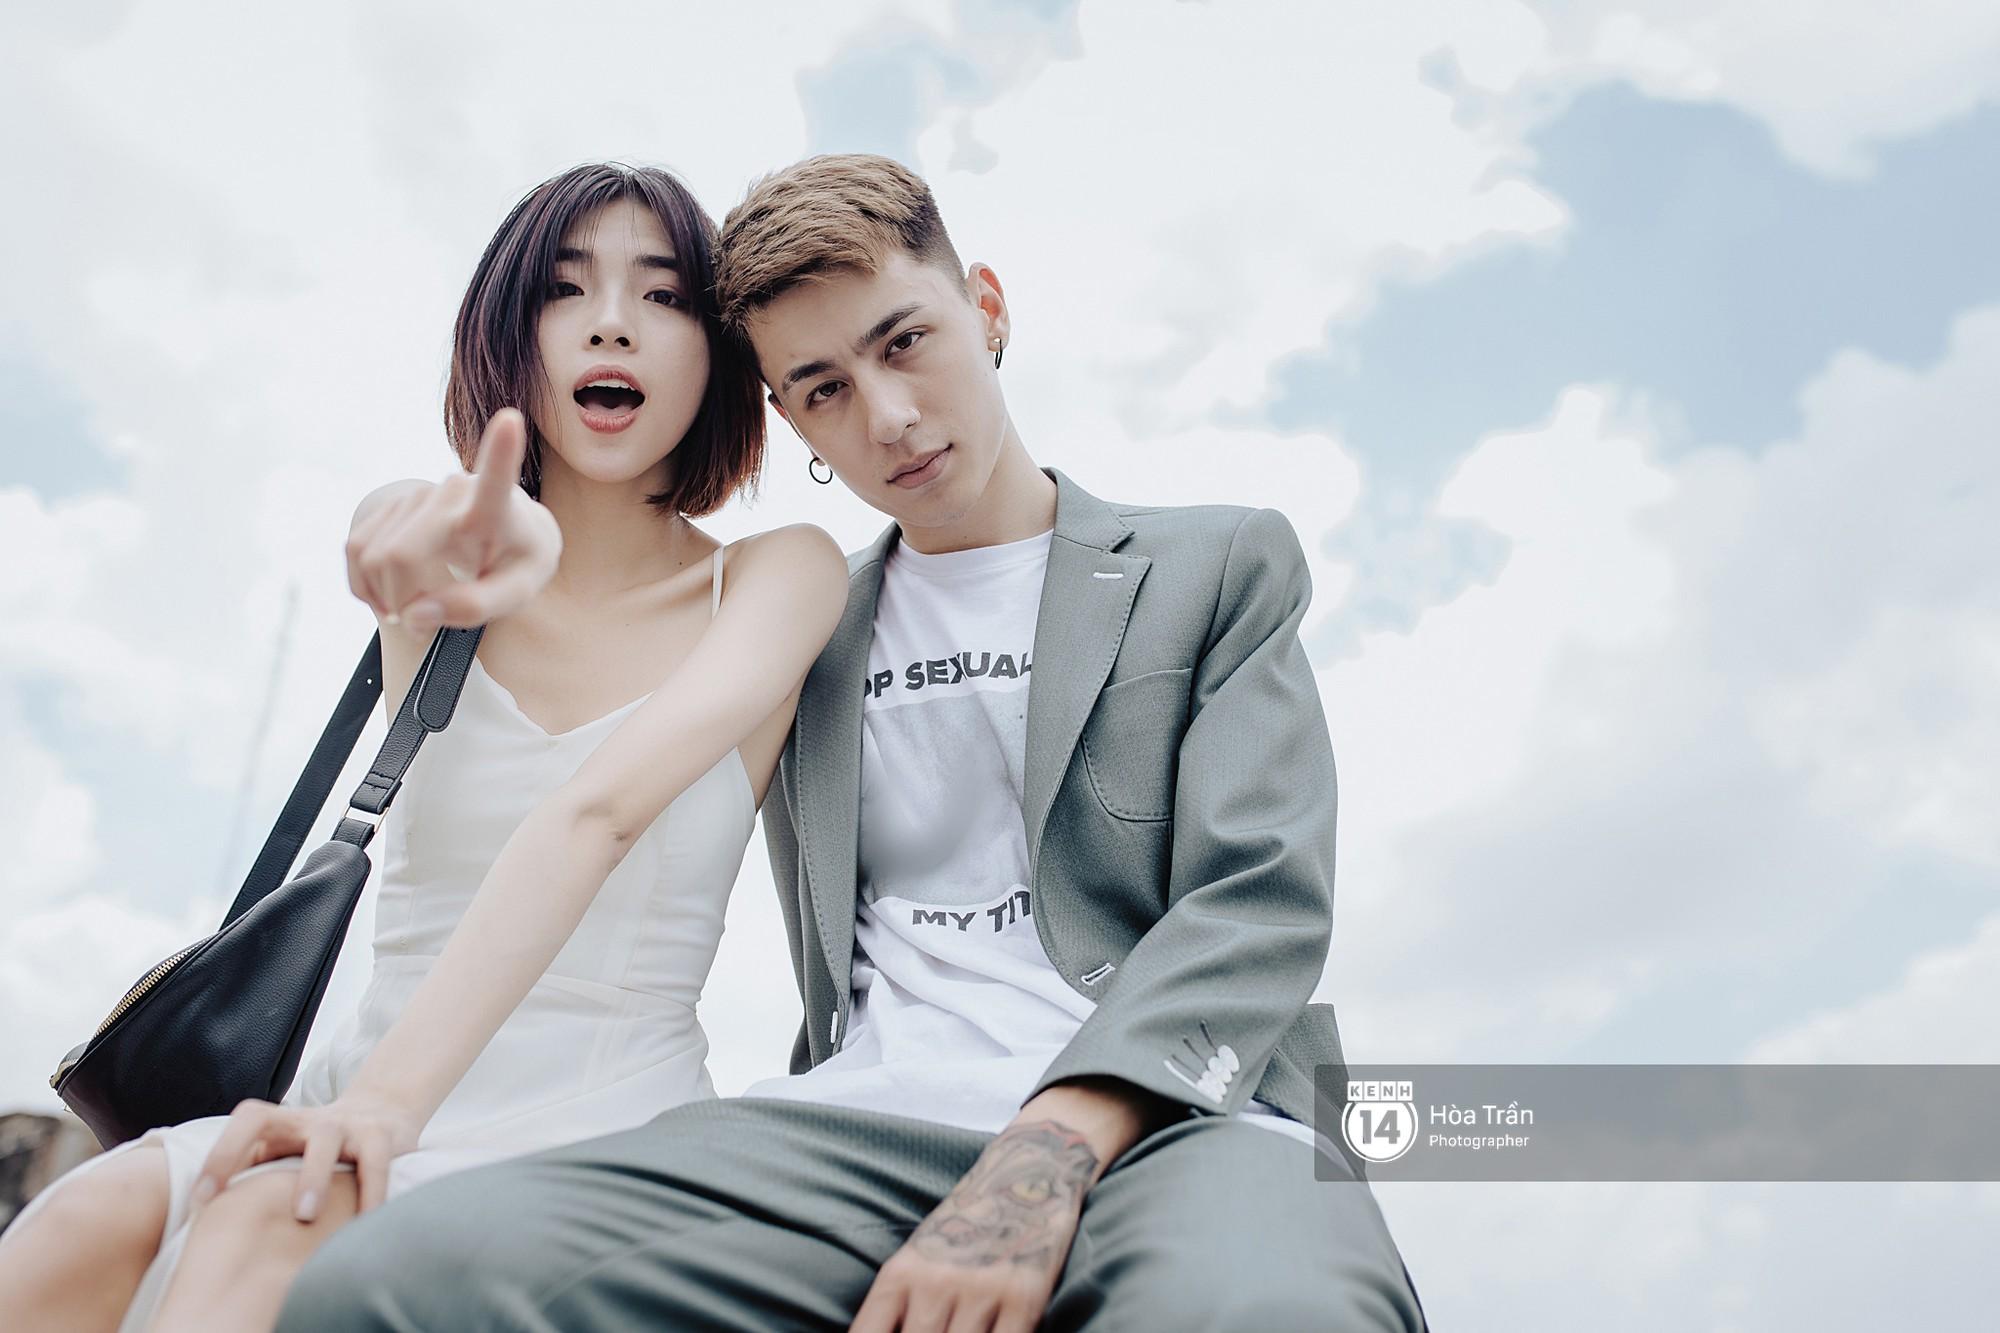 Couple hot boy lai tây và mẫu lookbook nổi tiếng Sài Thành: Chuyện tình chị - em kém 4 tuổi, yêu nhau nhờ thả haha trên Facebook - Ảnh 5.